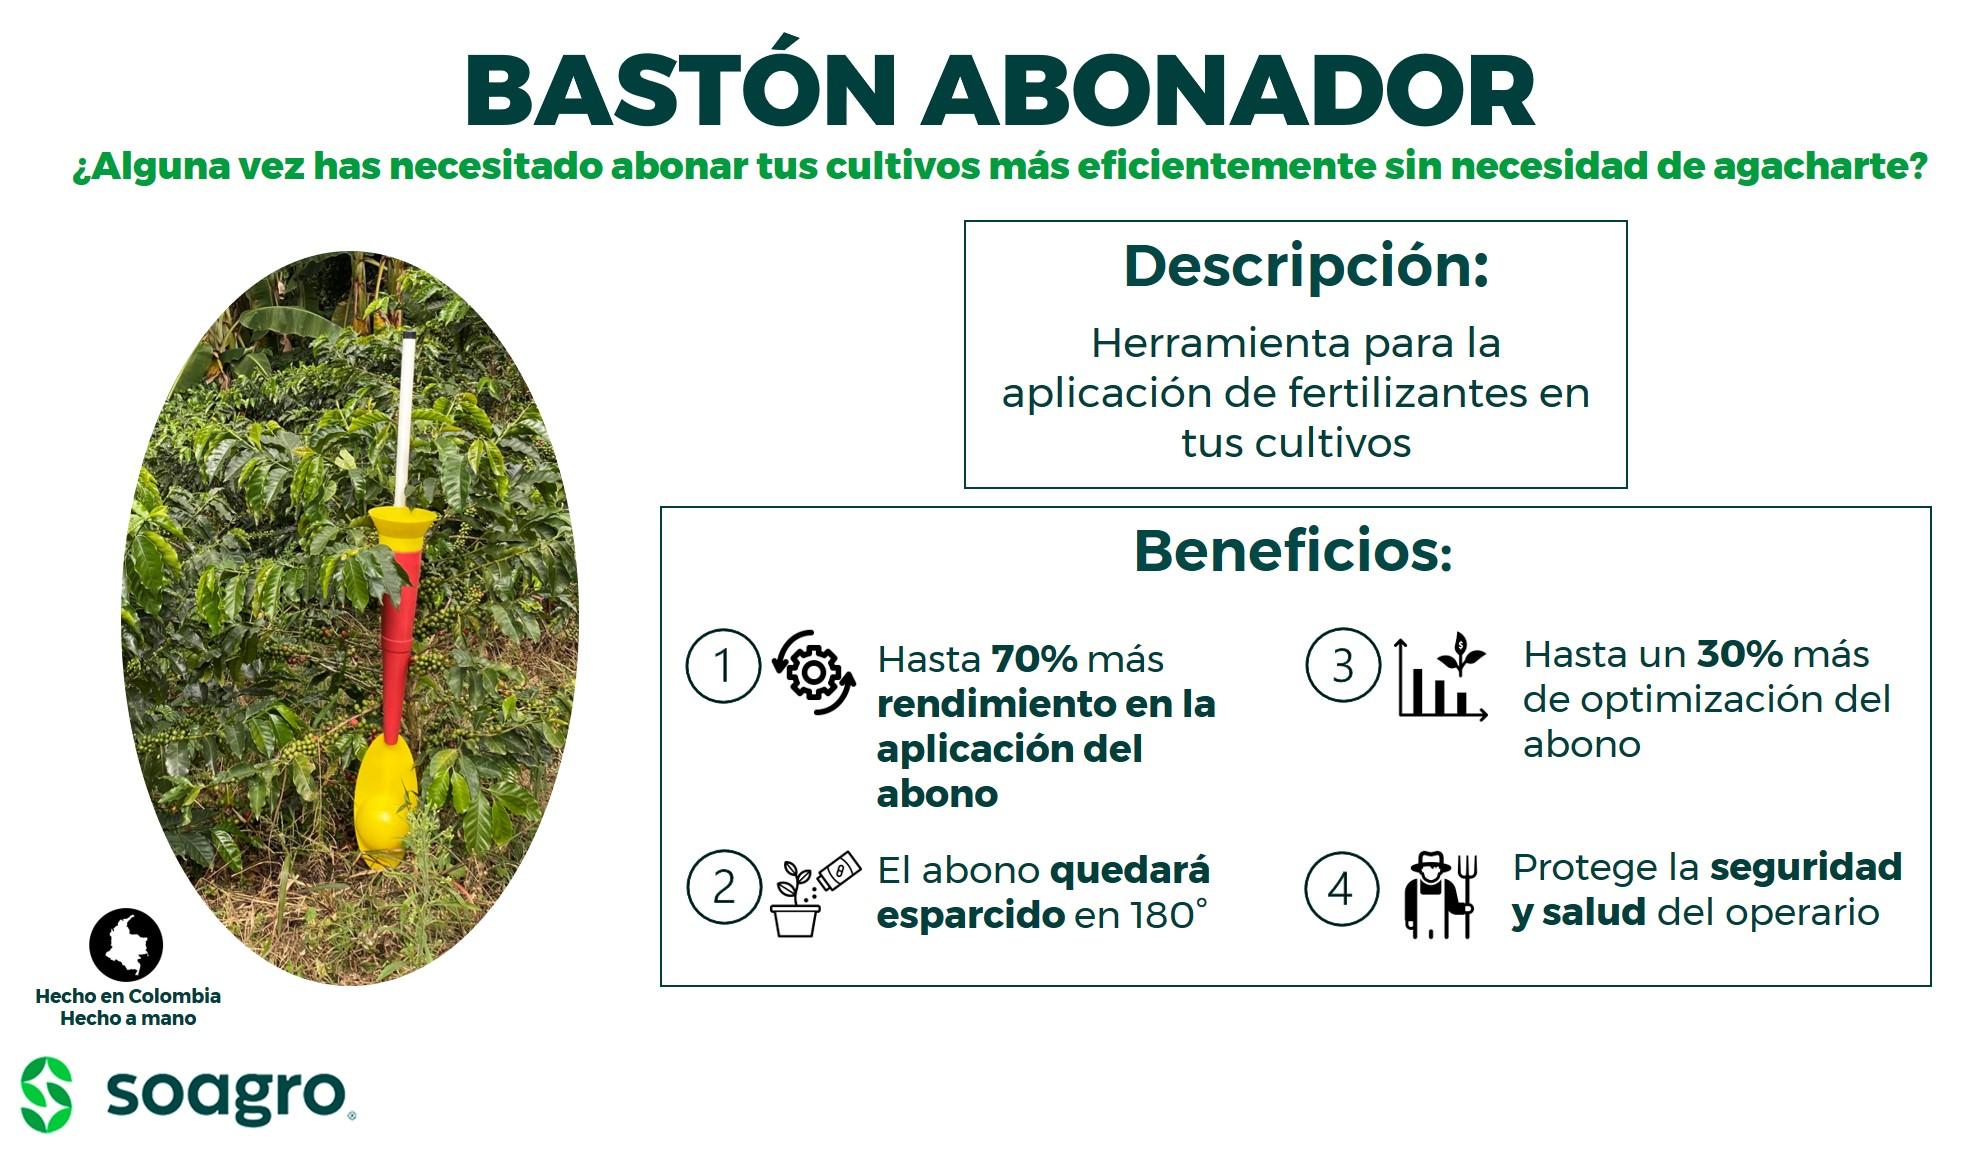 Baston Abonador_1.jpg